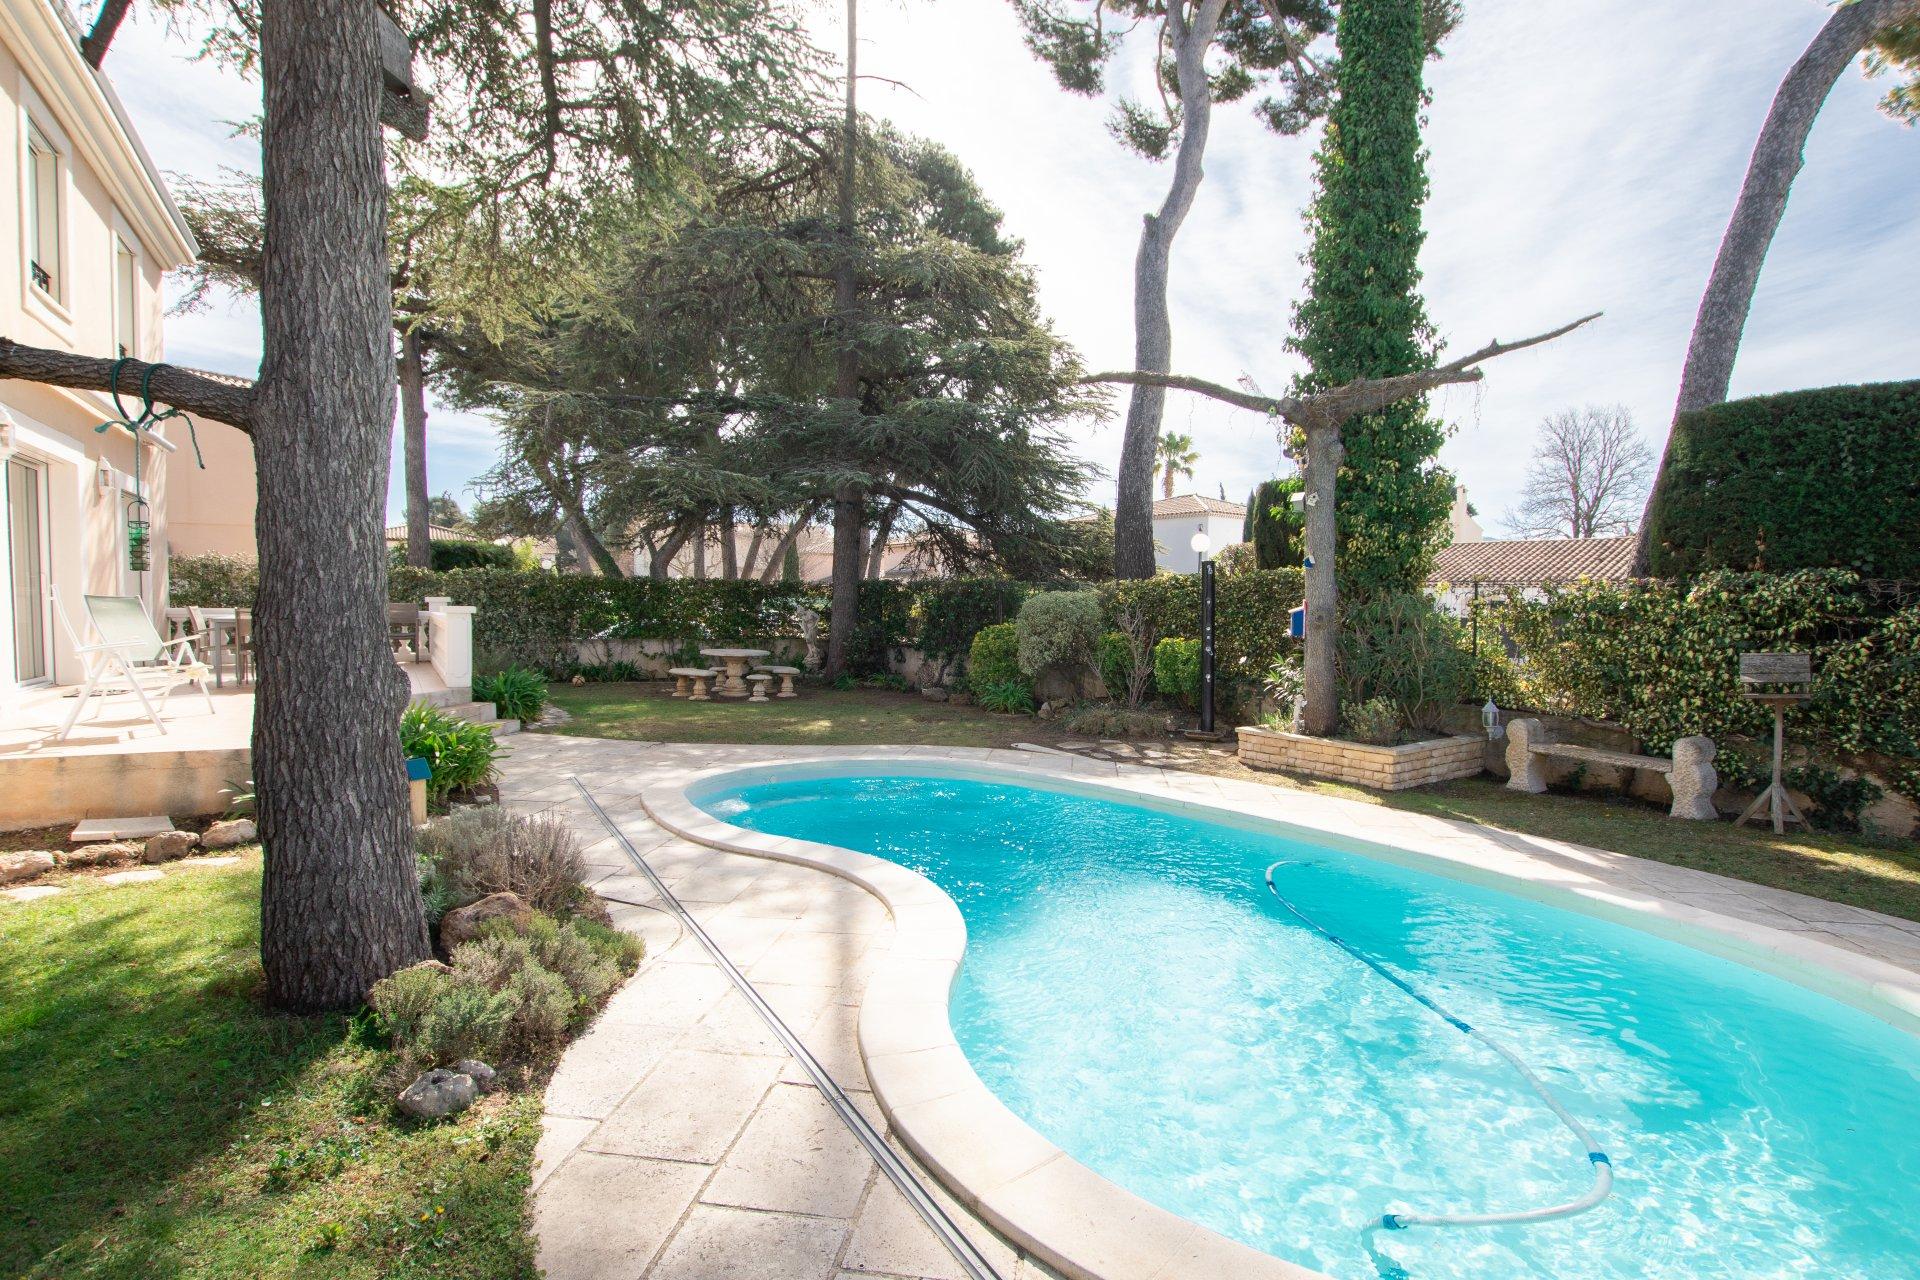 L'ENCHANTERESSE - Villa T5 de 160 m² - Terrain  510 m² avec Piscine 13012